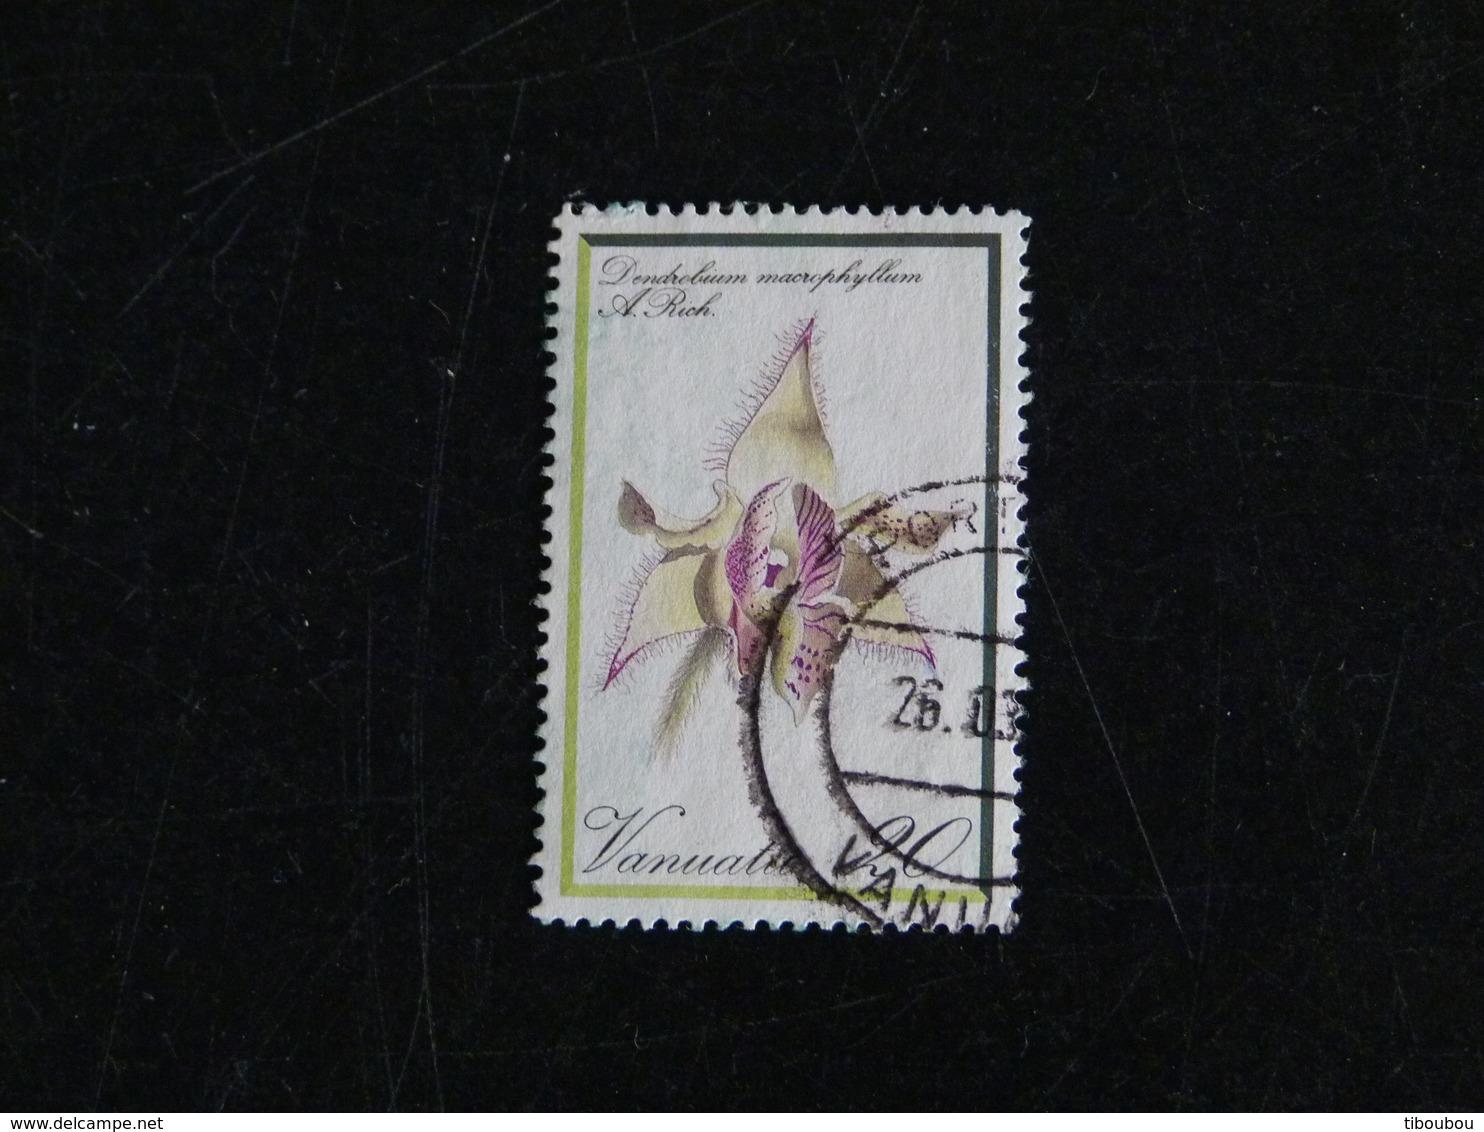 VANUATU YT 647 OBLITERE - ORCHIDEE FLEUR FLORE FLOWER DENDROBIUM - Vanuatu (1980-...)